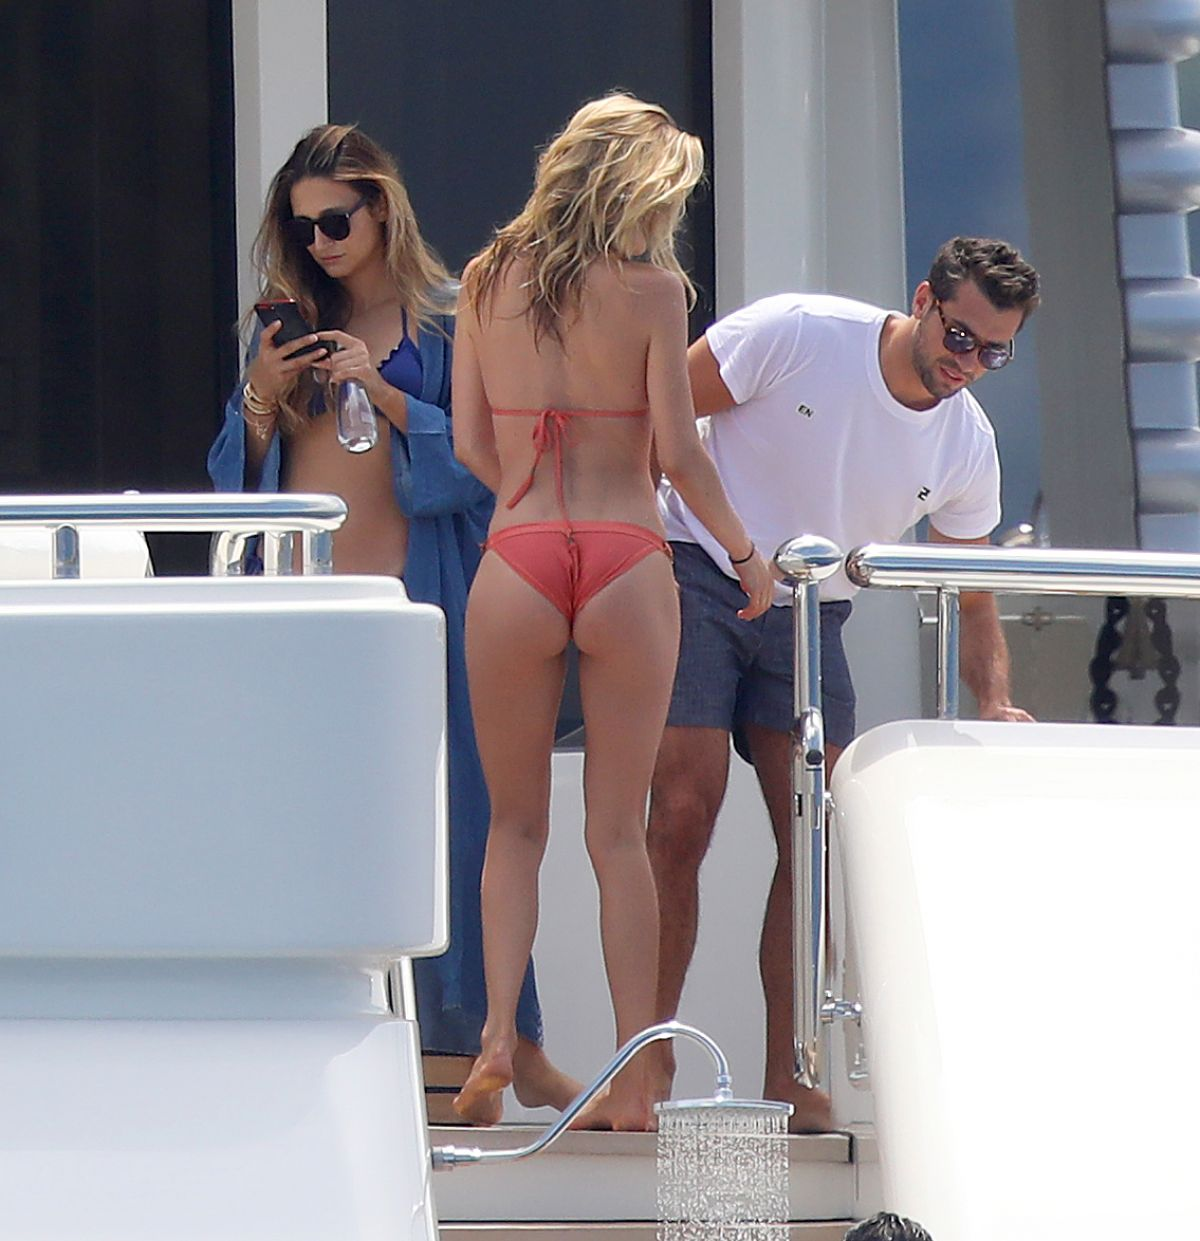 DOUTZEN KROES in Bikini at a Yacht in France 07/27/2017   doutzen-kroes-in-bikini-at-a-yacht-in-france-07-27-2017_5